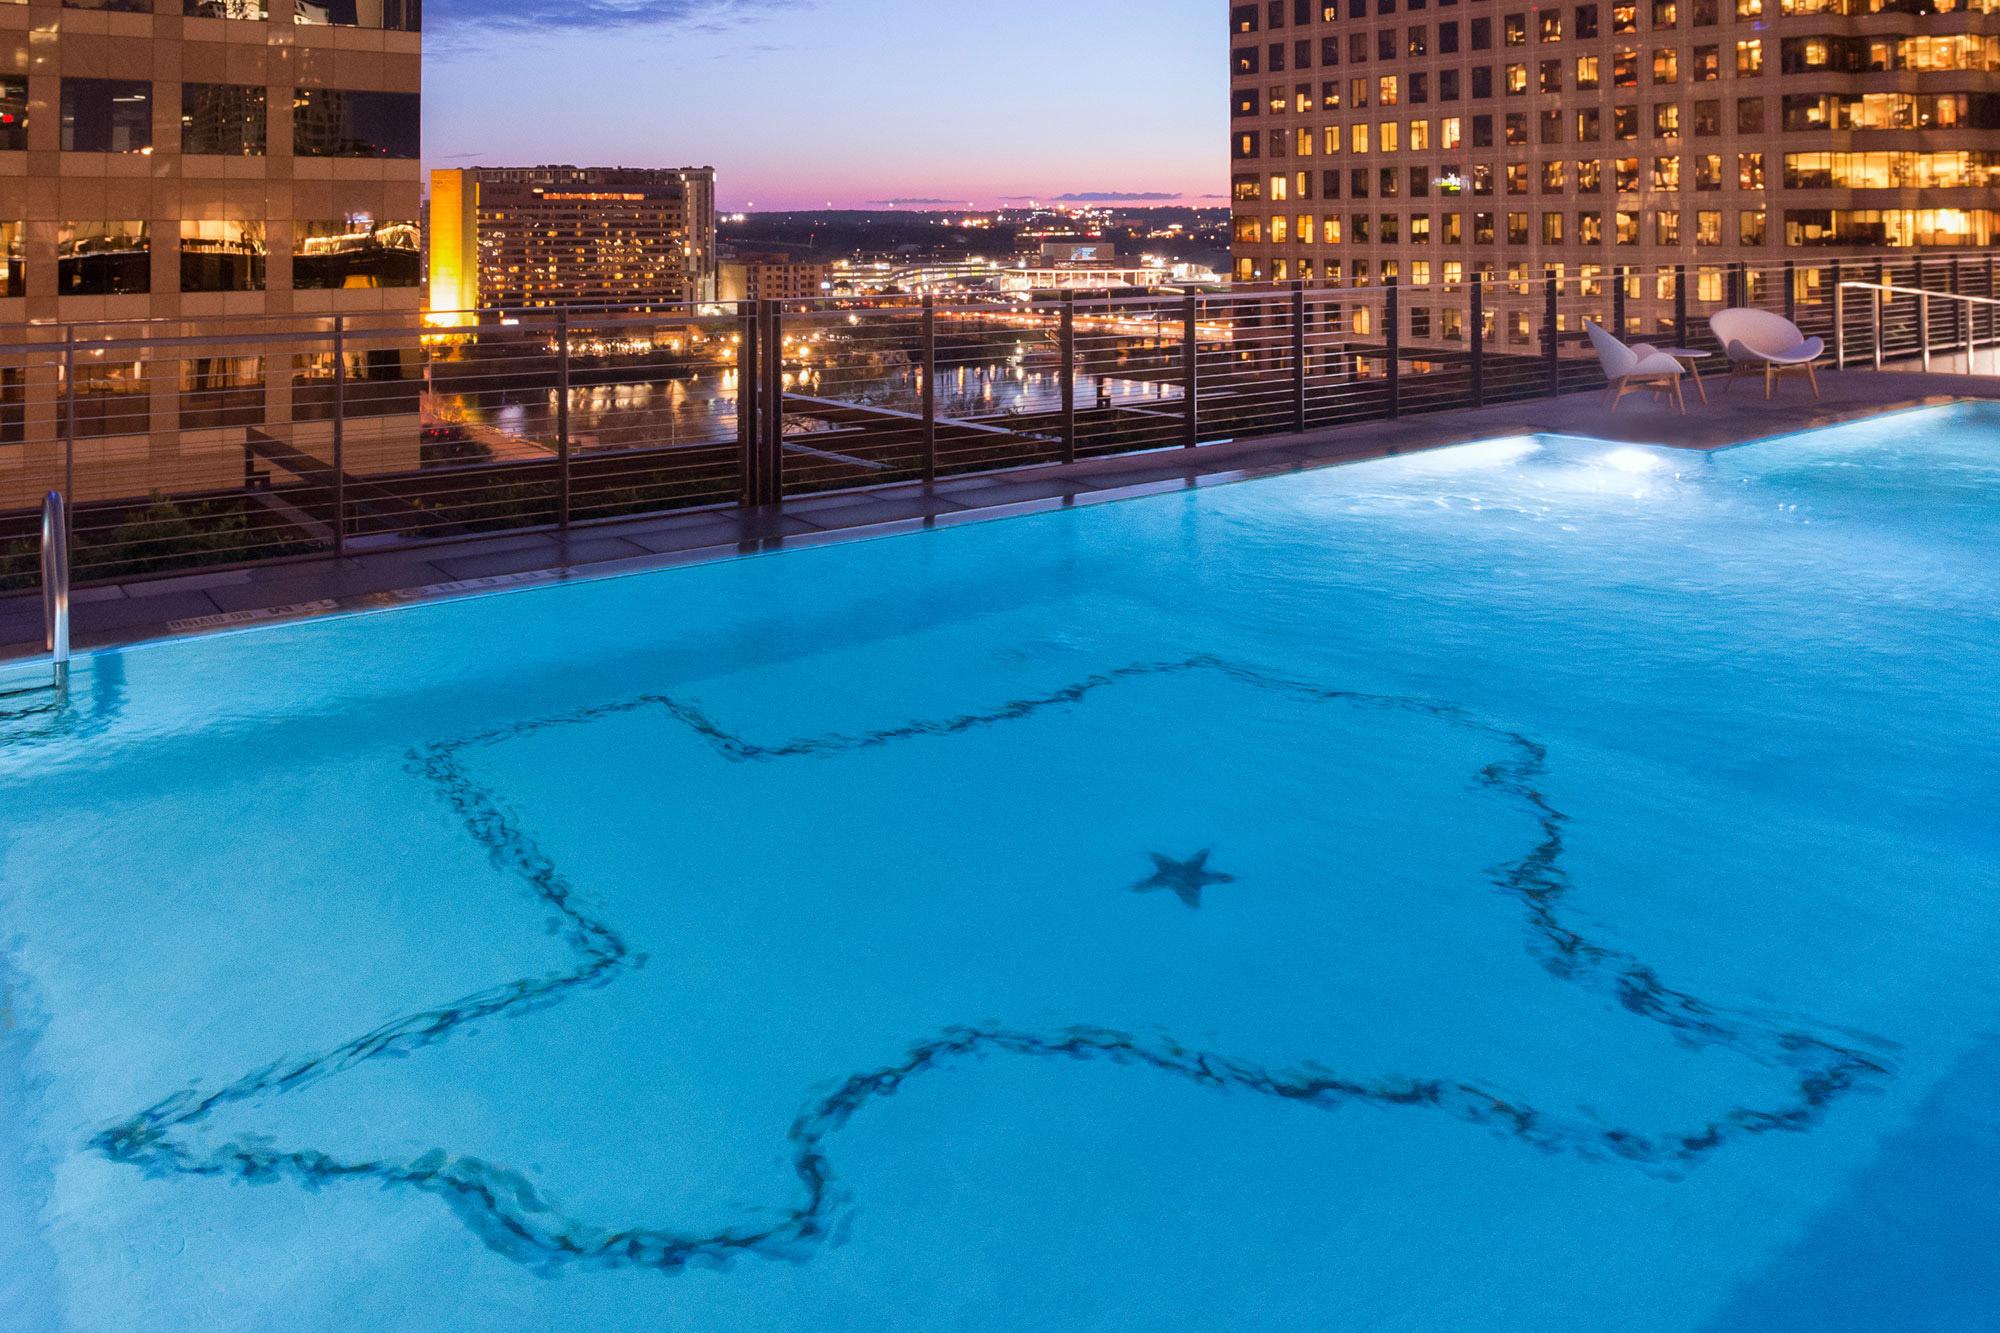 JW Marriott Pool